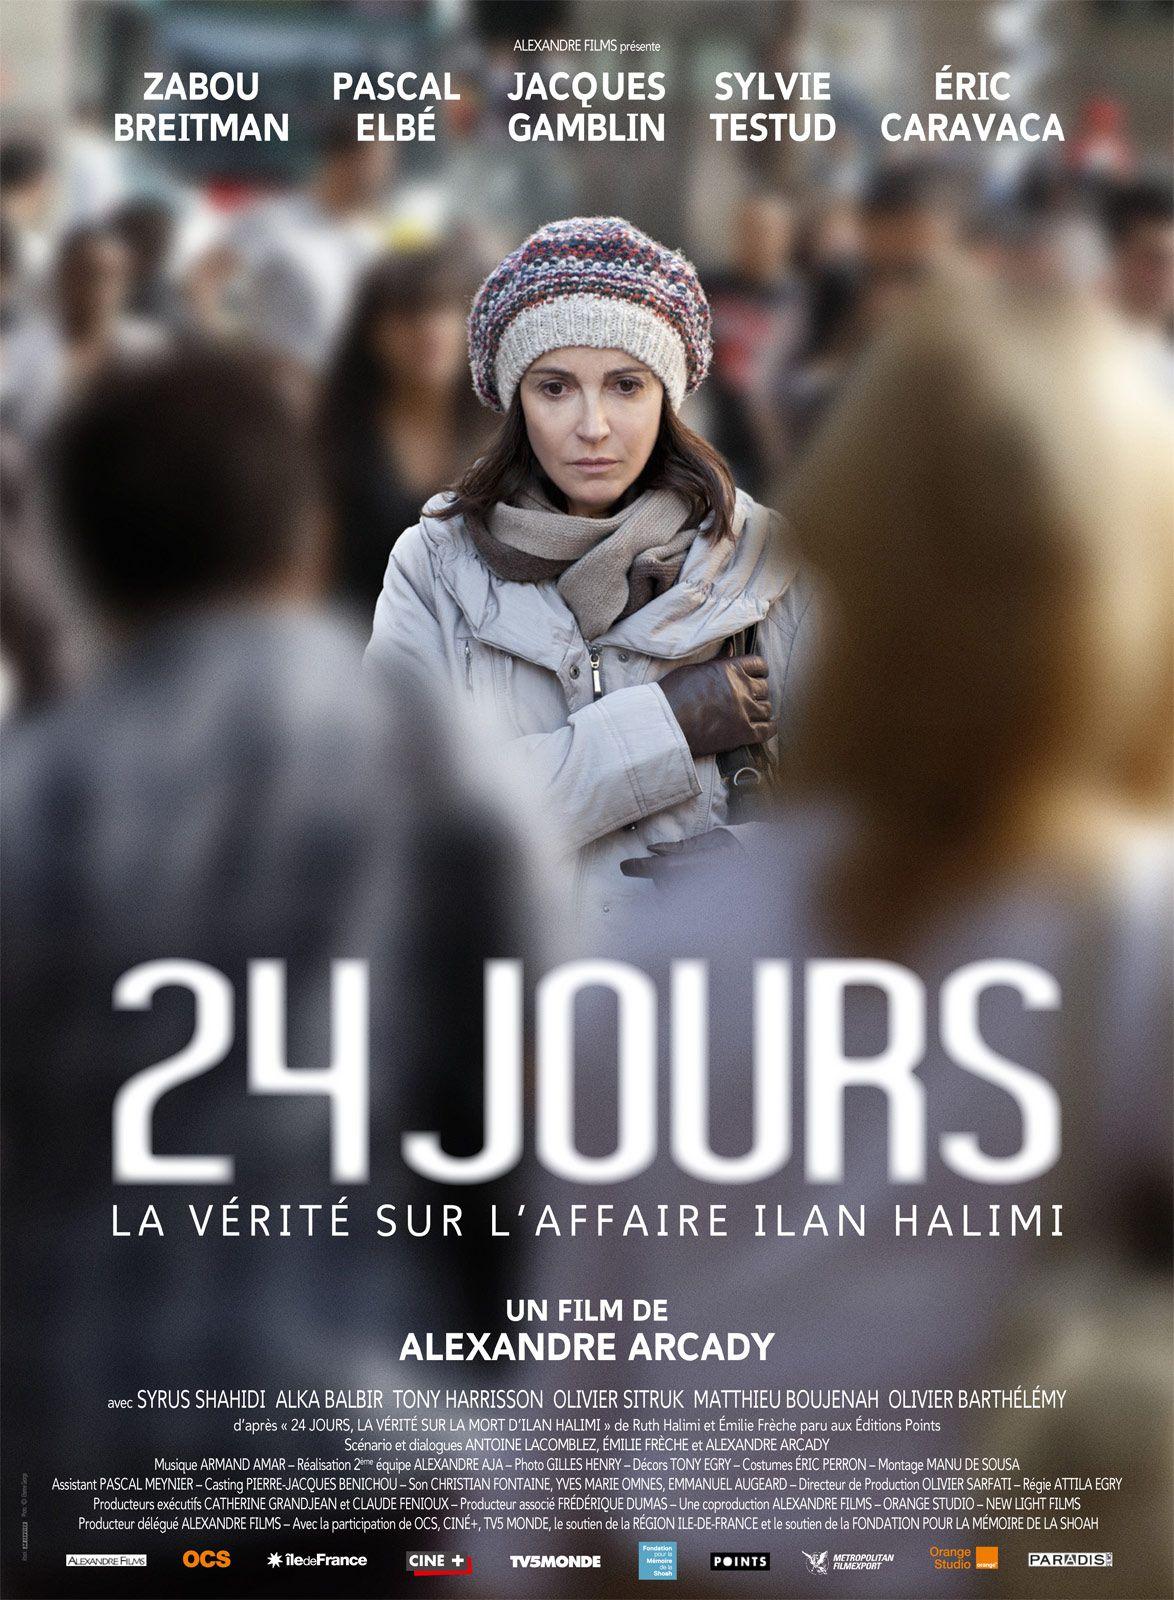 styles de variété de 2019 tout à fait stylé 2019 original 24 jours, la vérité sur l'affaire Ilan Halimi - Film (2014)